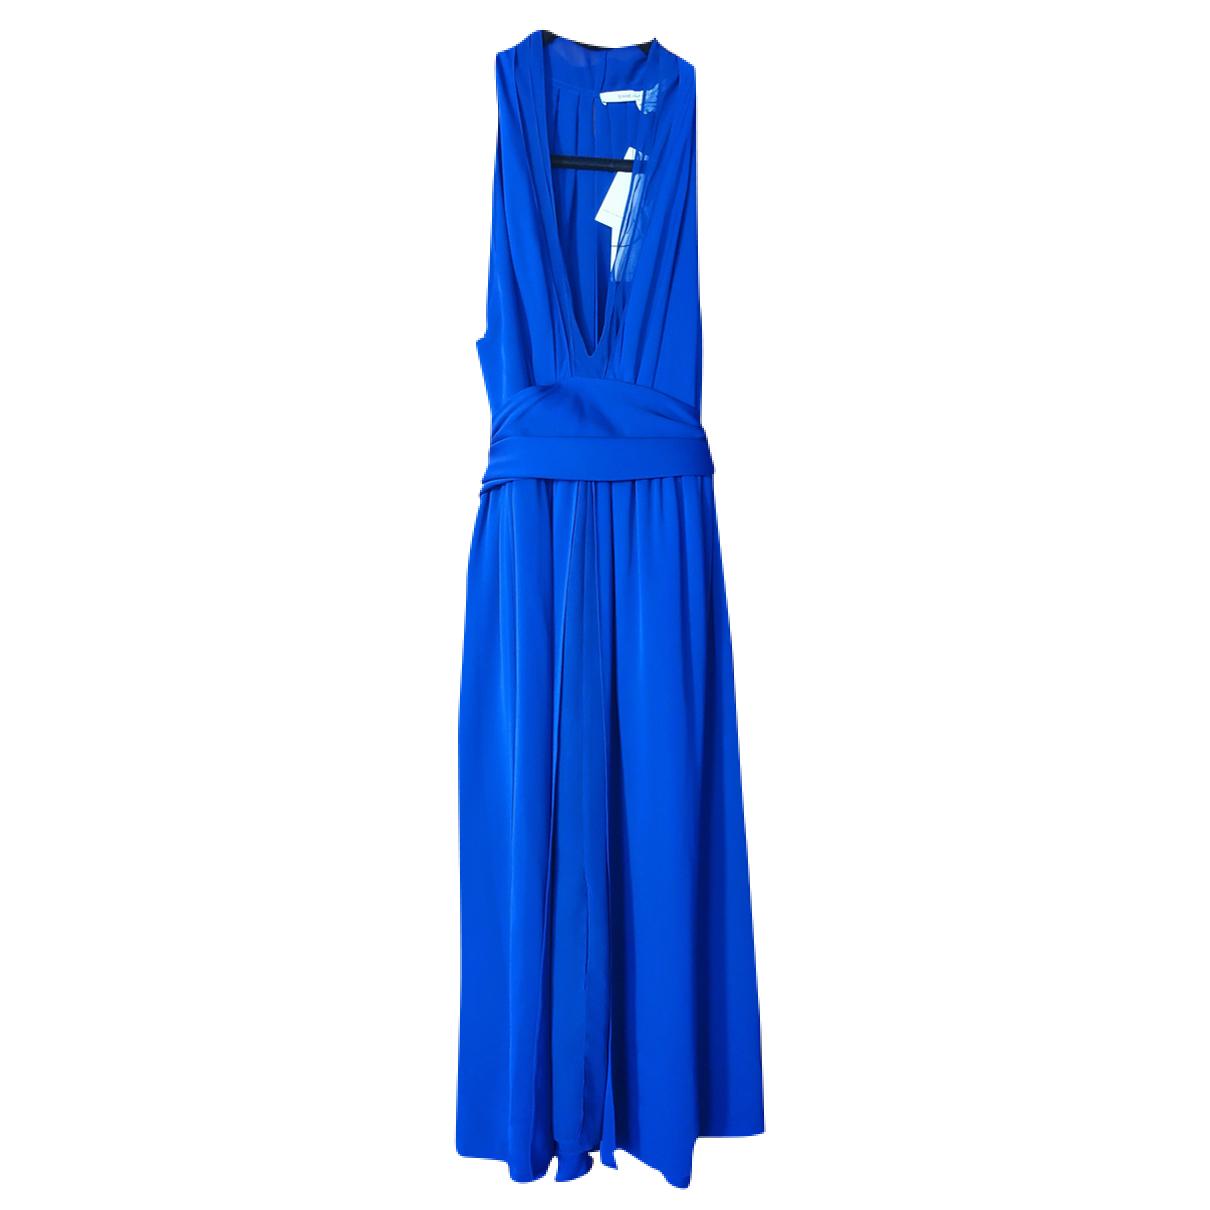 Diane Von Furstenberg N Blue Silk dress for Women 4 US